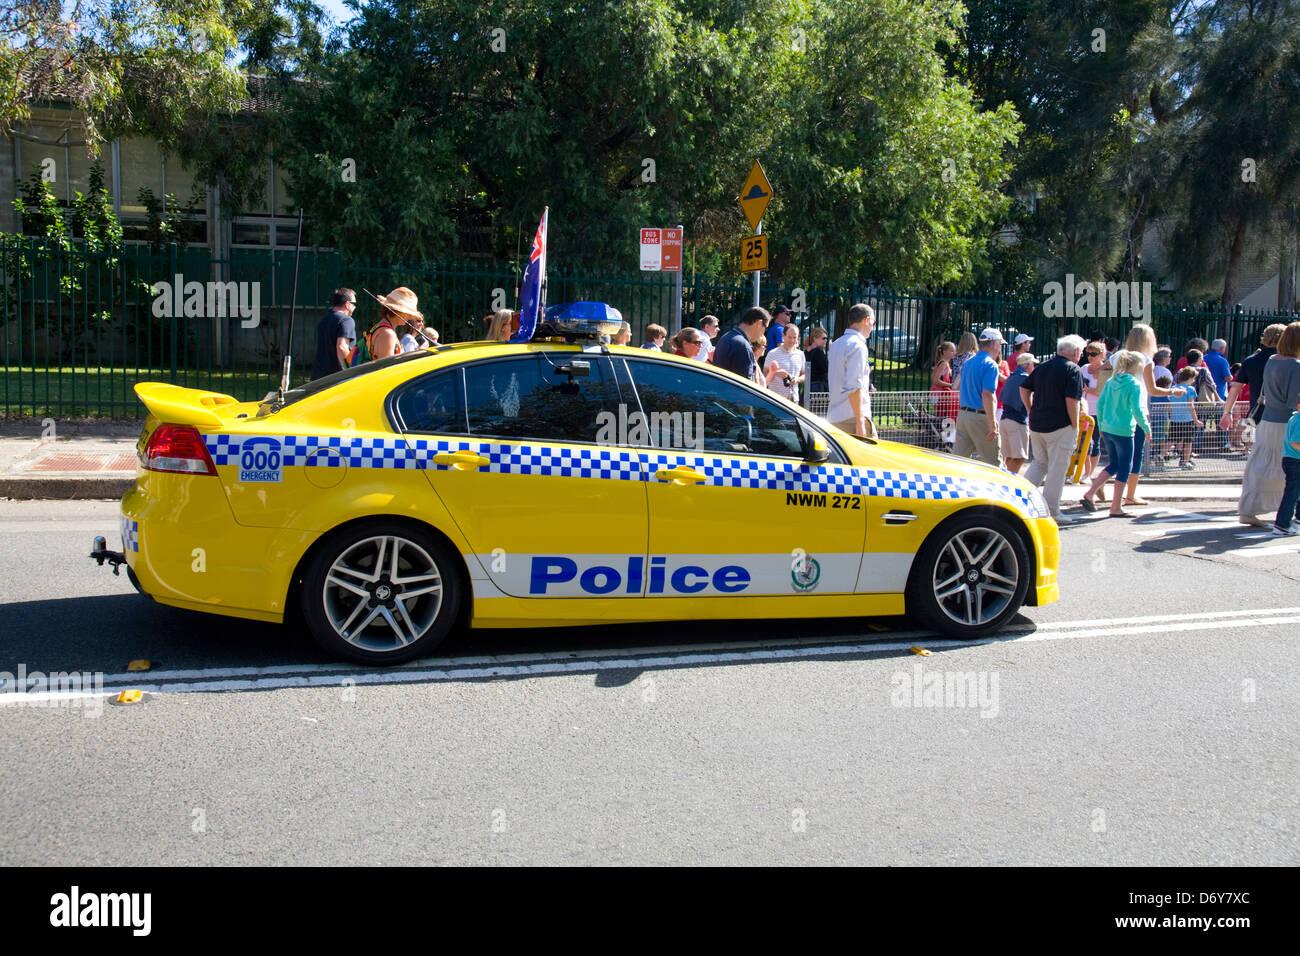 Australian Police Car Stock Photos & Australian Police Car ...